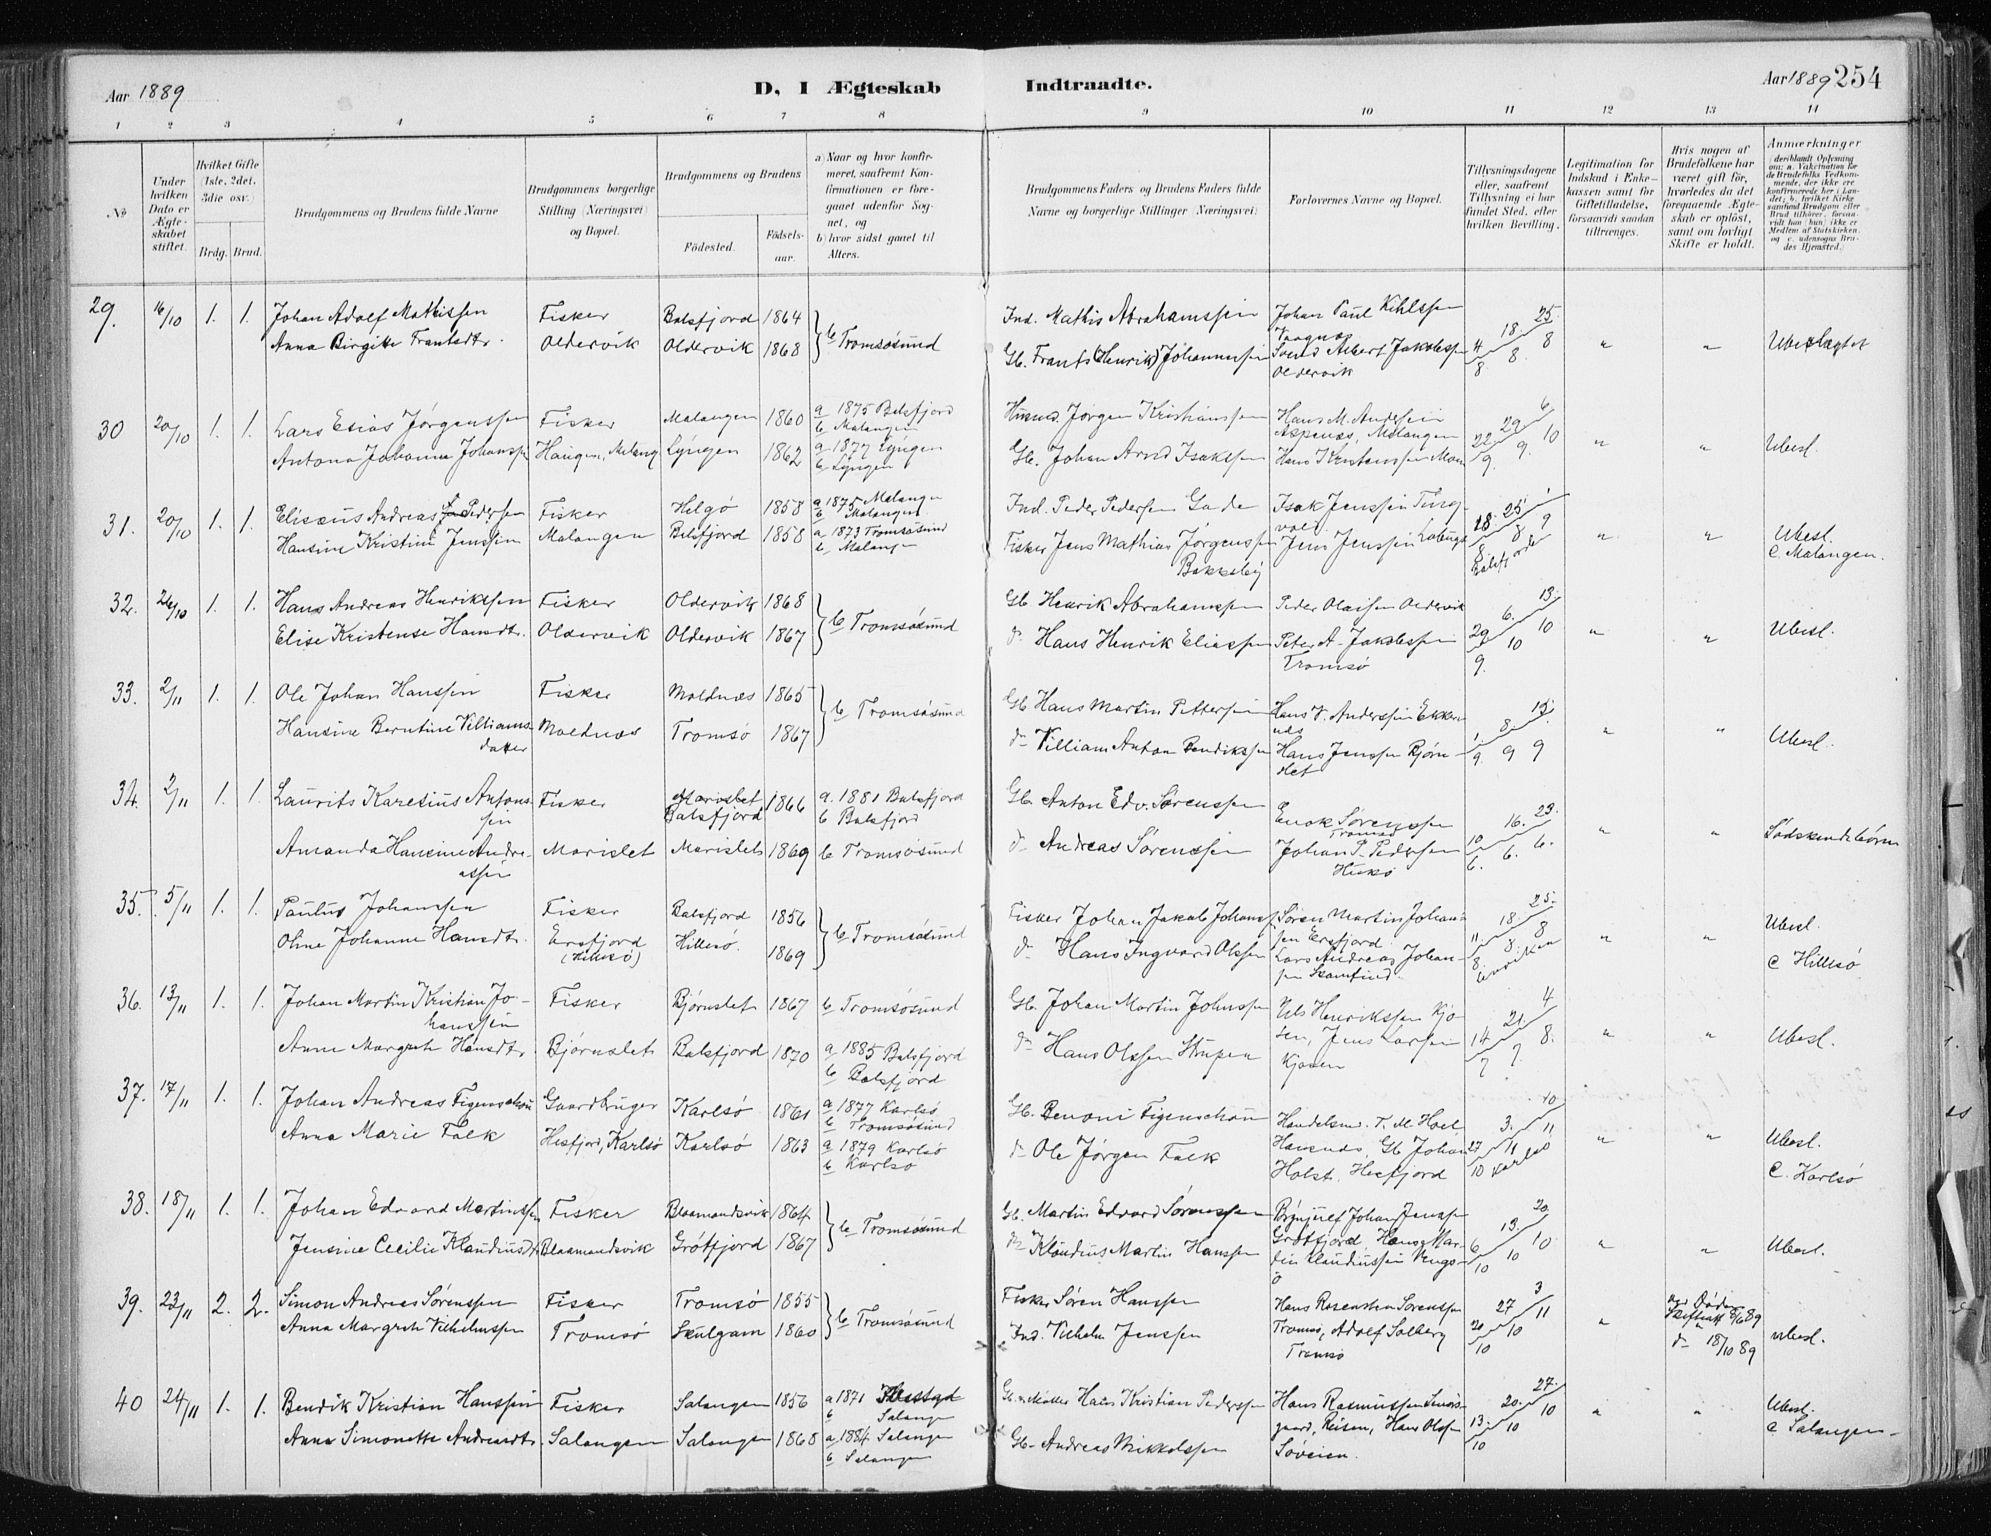 SATØ, Tromsøysund sokneprestkontor, G/Ga/L0005kirke: Ministerialbok nr. 5, 1888-1896, s. 254